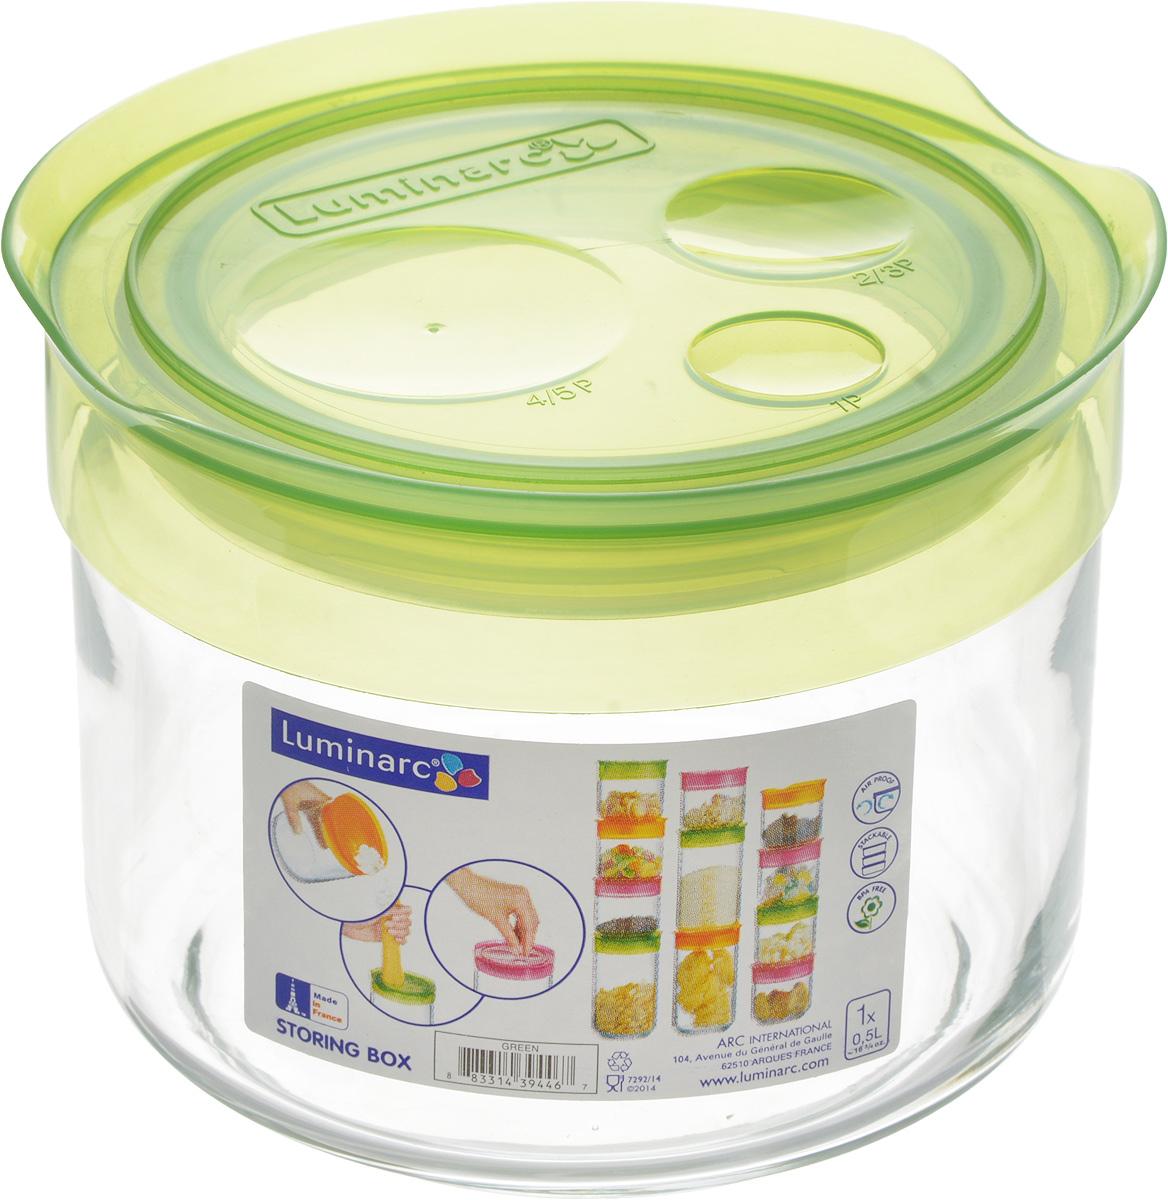 Банка для сыпучих продуктов Luminarc Storing Box, с крышкой, цвет: салатовый, 500 млFA-5125 WhiteБанка Luminarc Storing Box, выполненная из упрочненного стекла, станет незаменимым помощником на кухне. В ней будет удобно хранить разнообразные сыпучие продукты, такие как кофе, сахар, соль или специи. Прозрачная банка позволит следить, что и в каком количестве находится внутри. Банка надежно закрывается пластиковой крышкой, которая снабжена резиновым уплотнителем для лучшей фиксации. Такая банка не только сэкономит место на вашей кухне, но и украсит интерьер.Объем: 500 мл.Диаметр банки (по верхнему краю): 9 см.Высота банки (без учета крышки): 8 см.